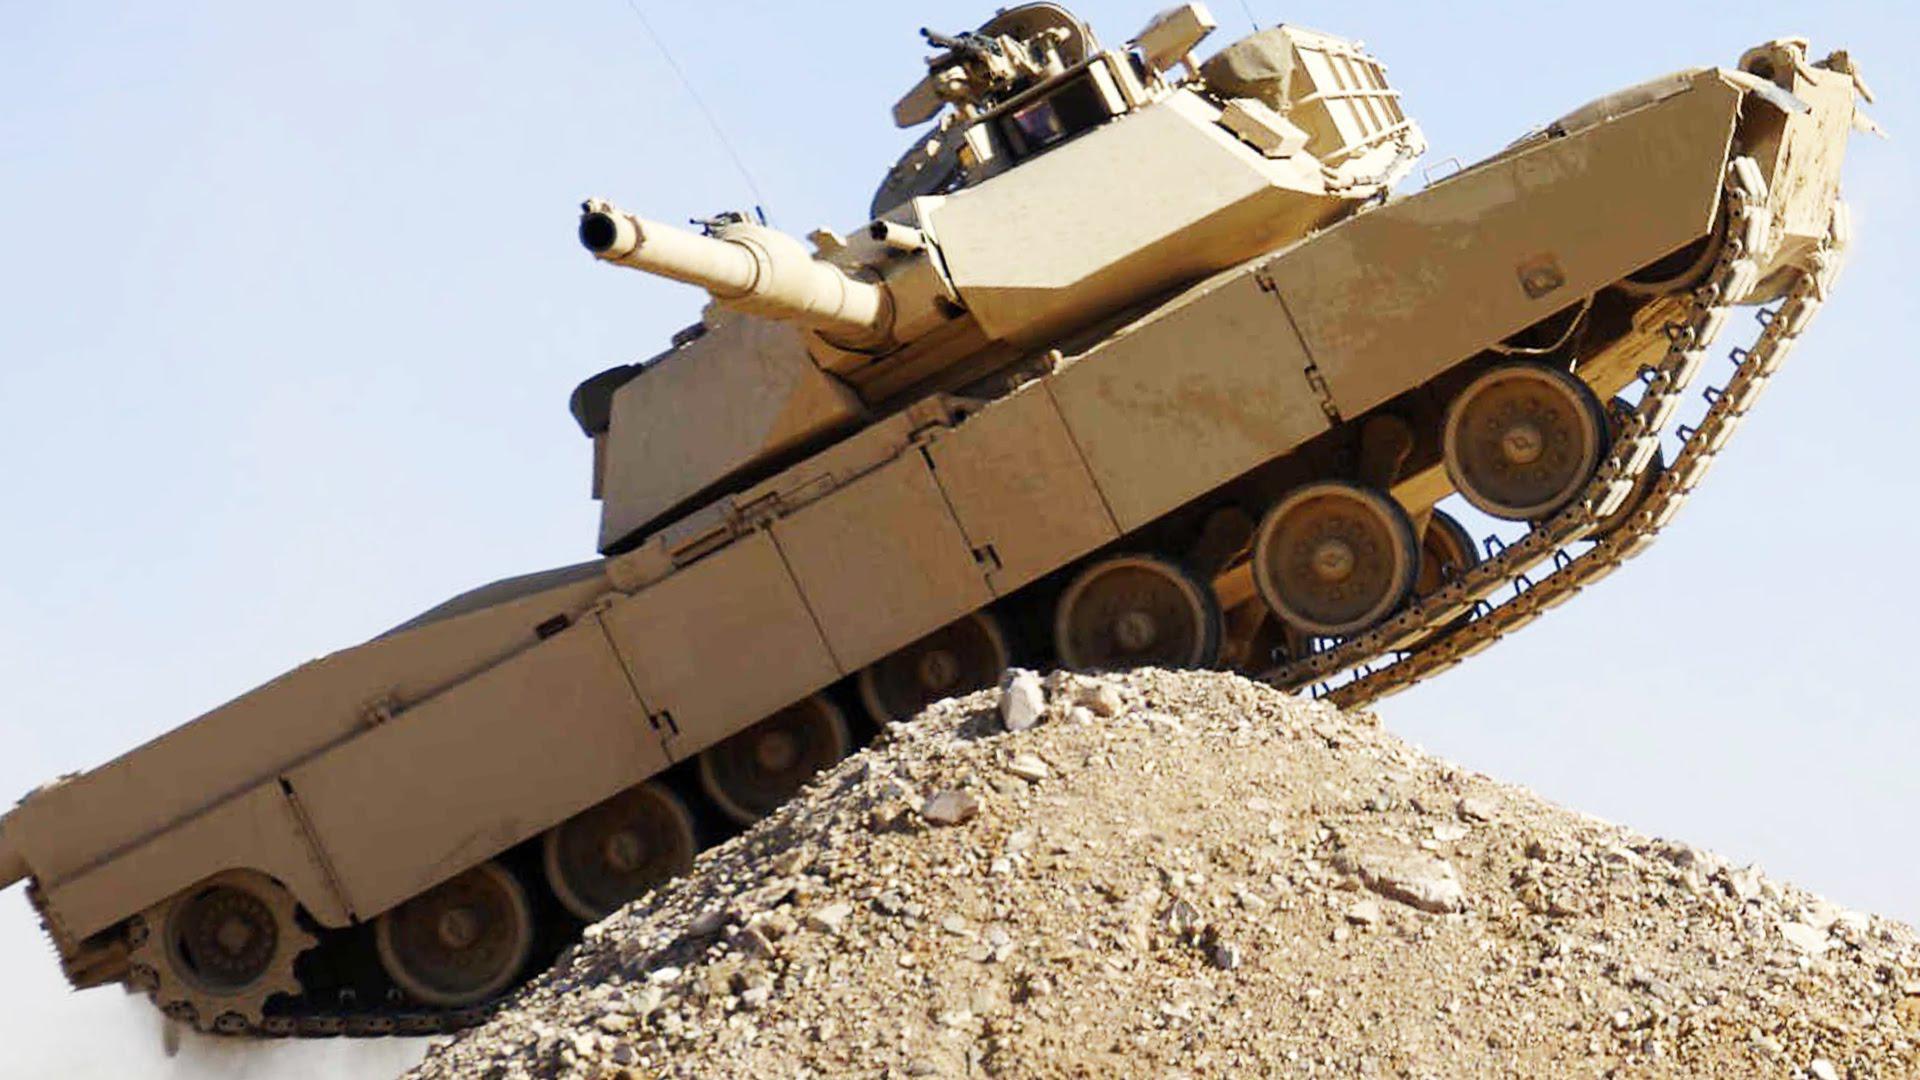 美军M1坦克军演出事故 致3名士兵受伤